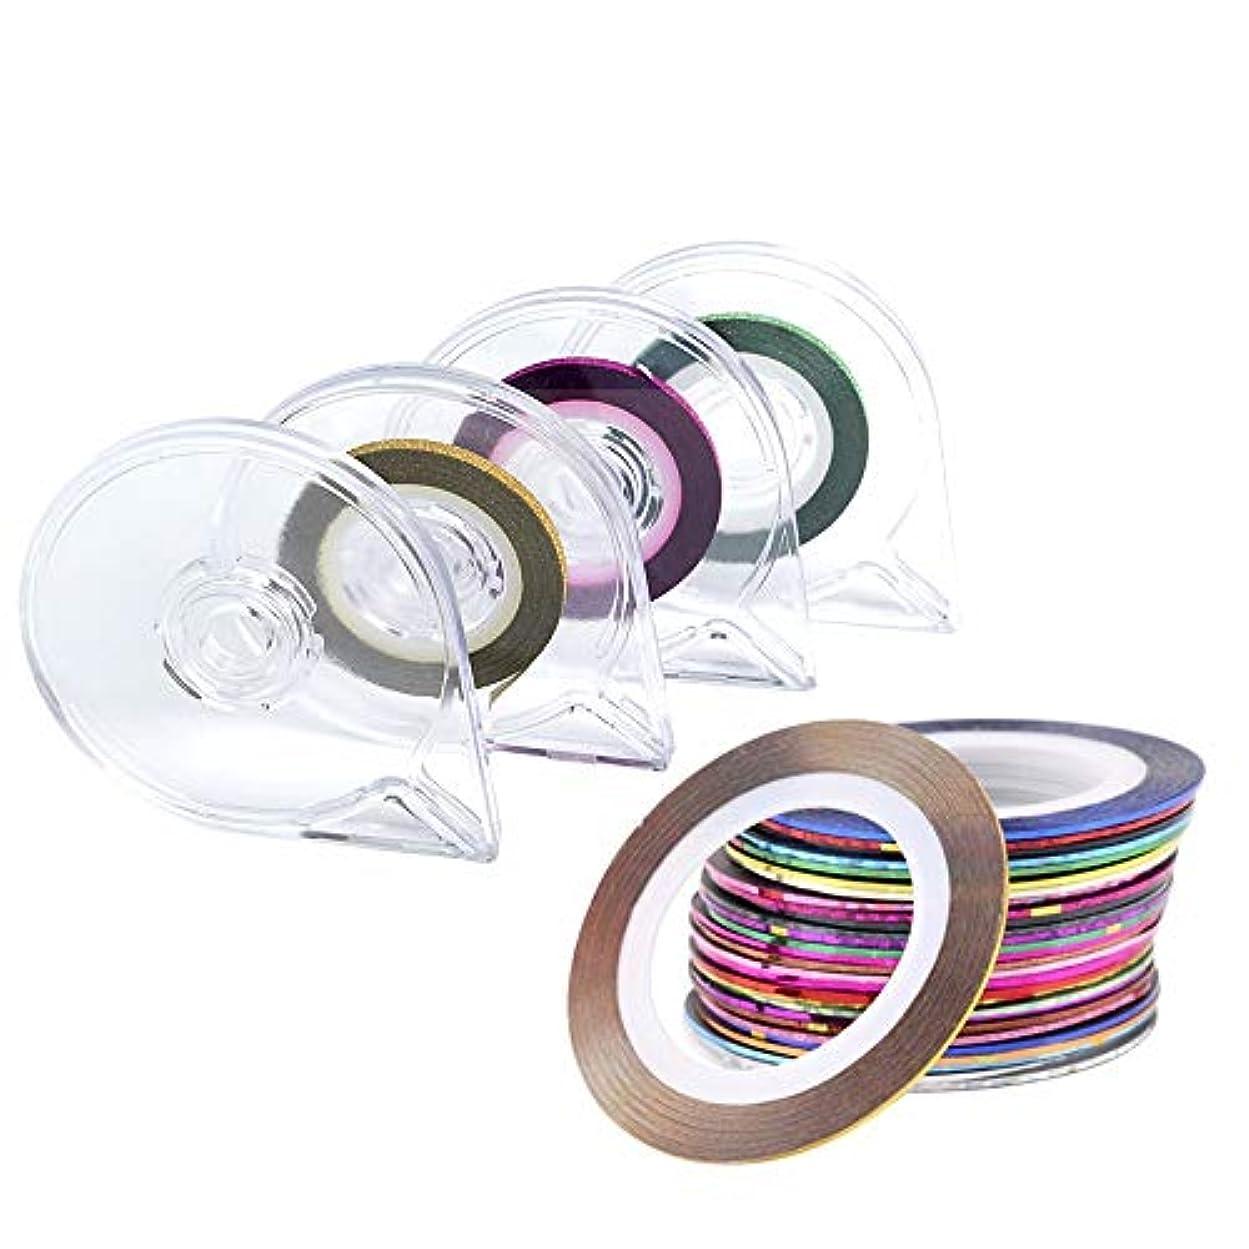 スクラップブックアフリカ人アッパーラインテープネイルアート用 ラインテープ シート ジェルネイル用 マニキュア セット ジェルネイル アート用ラインテープ 専用ケース付き 30ピース /セット (Color : Mixed Colour)